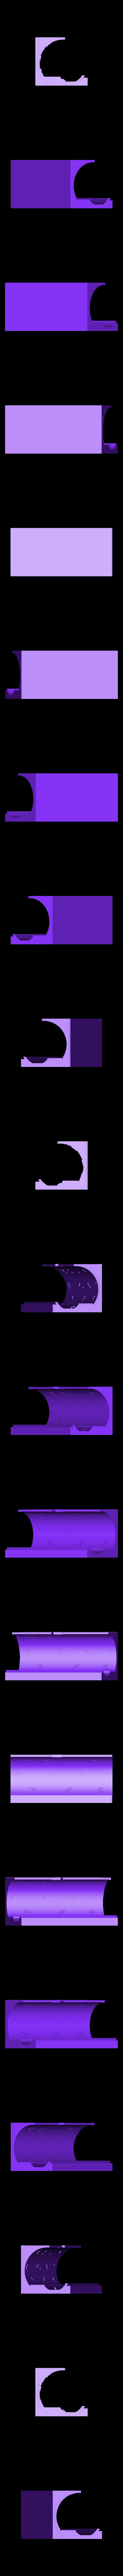 sewer_straight_allside1.stl Télécharger fichier STL gratuit Ripper's London - Les égouts • Design pour imprimante 3D, Earsling